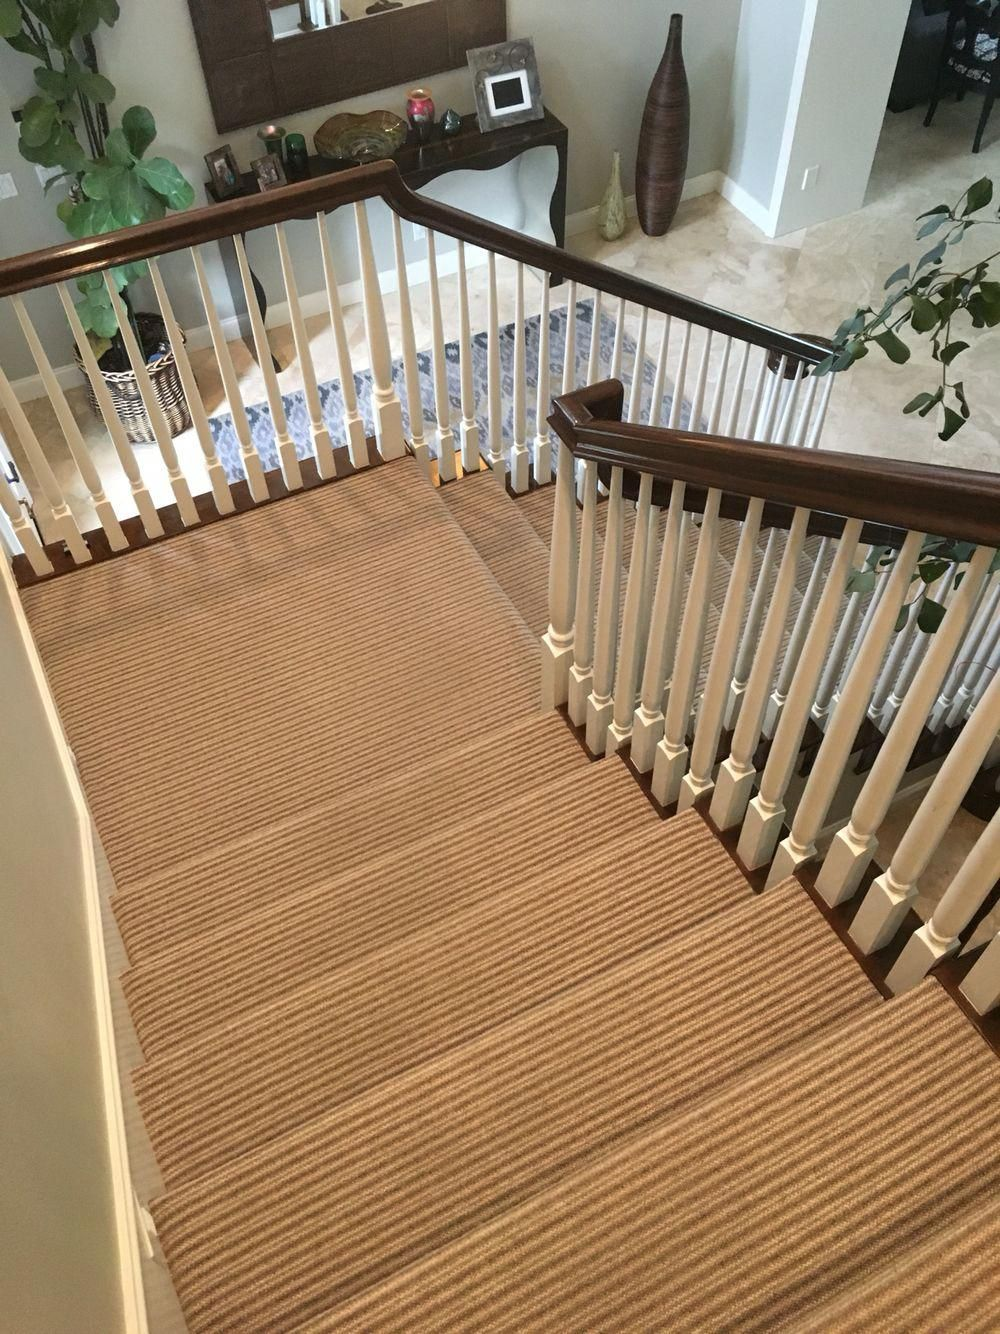 Carpet Runner Installation Near Me 4RunnerCarpetFloorMats